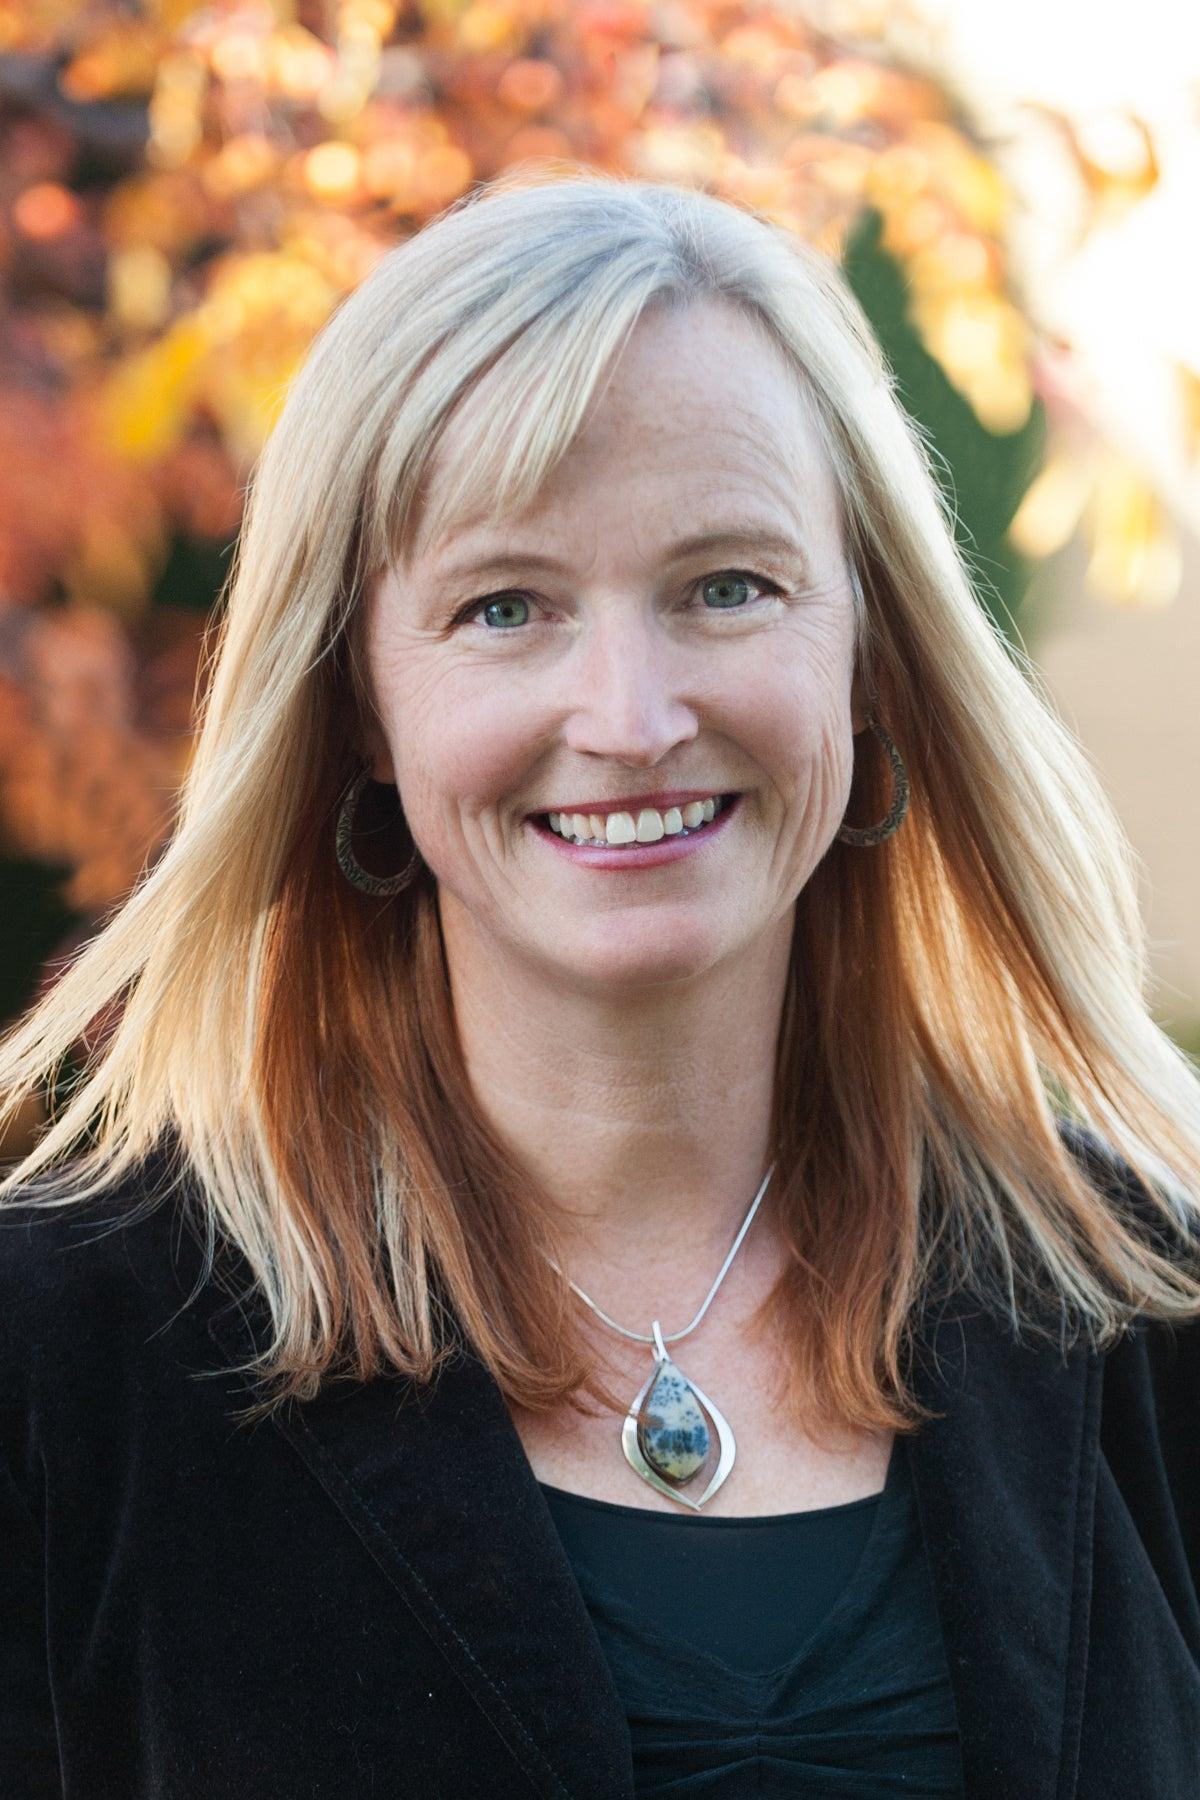 Stephanie Marlow